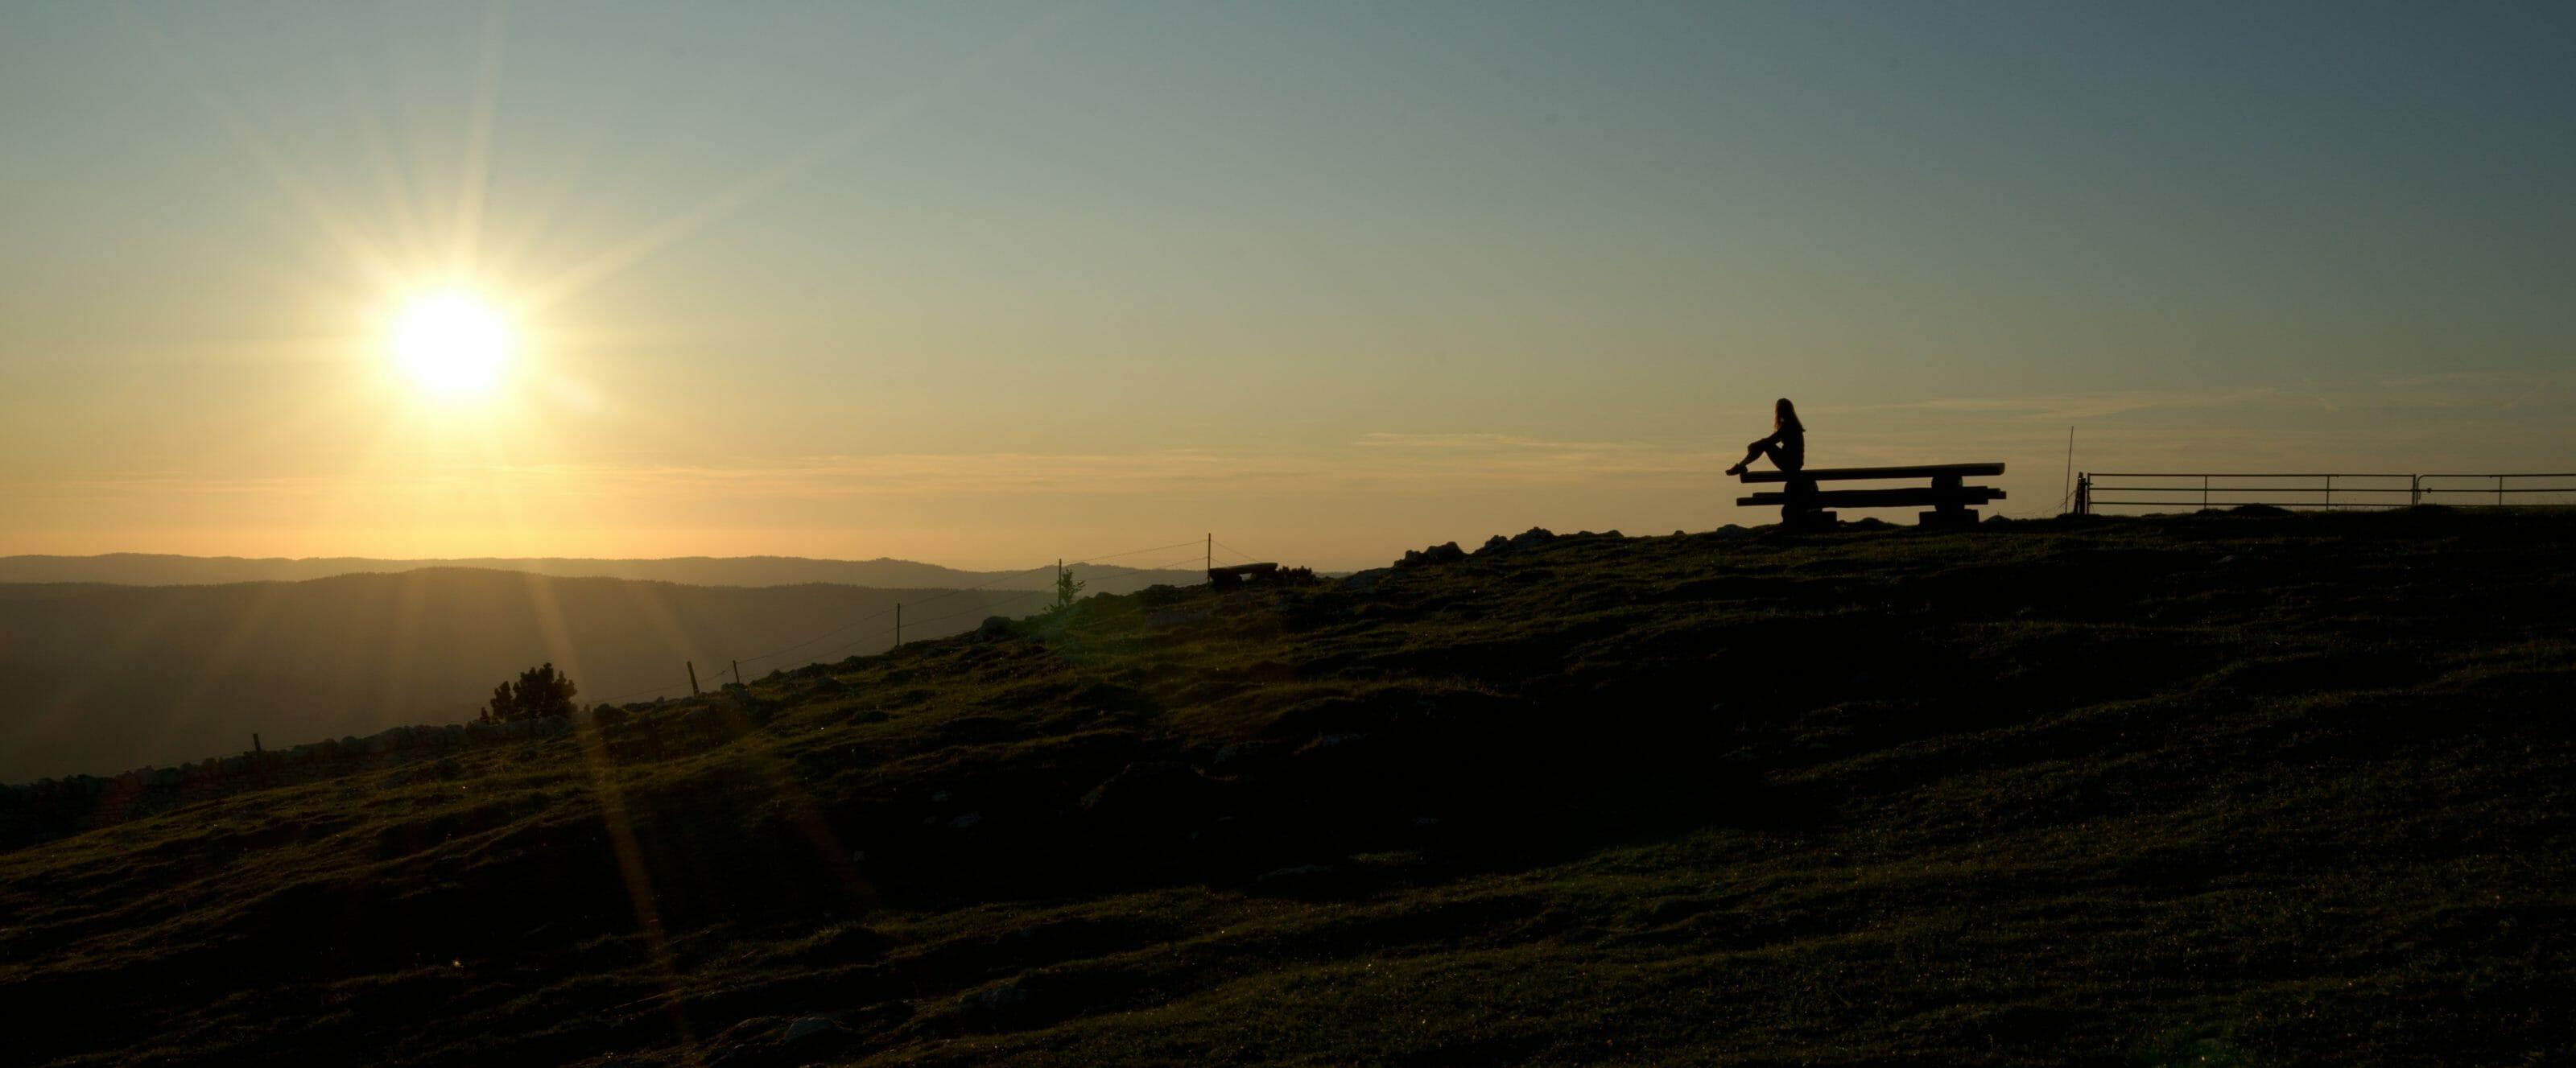 silhouette au coucher du soleil